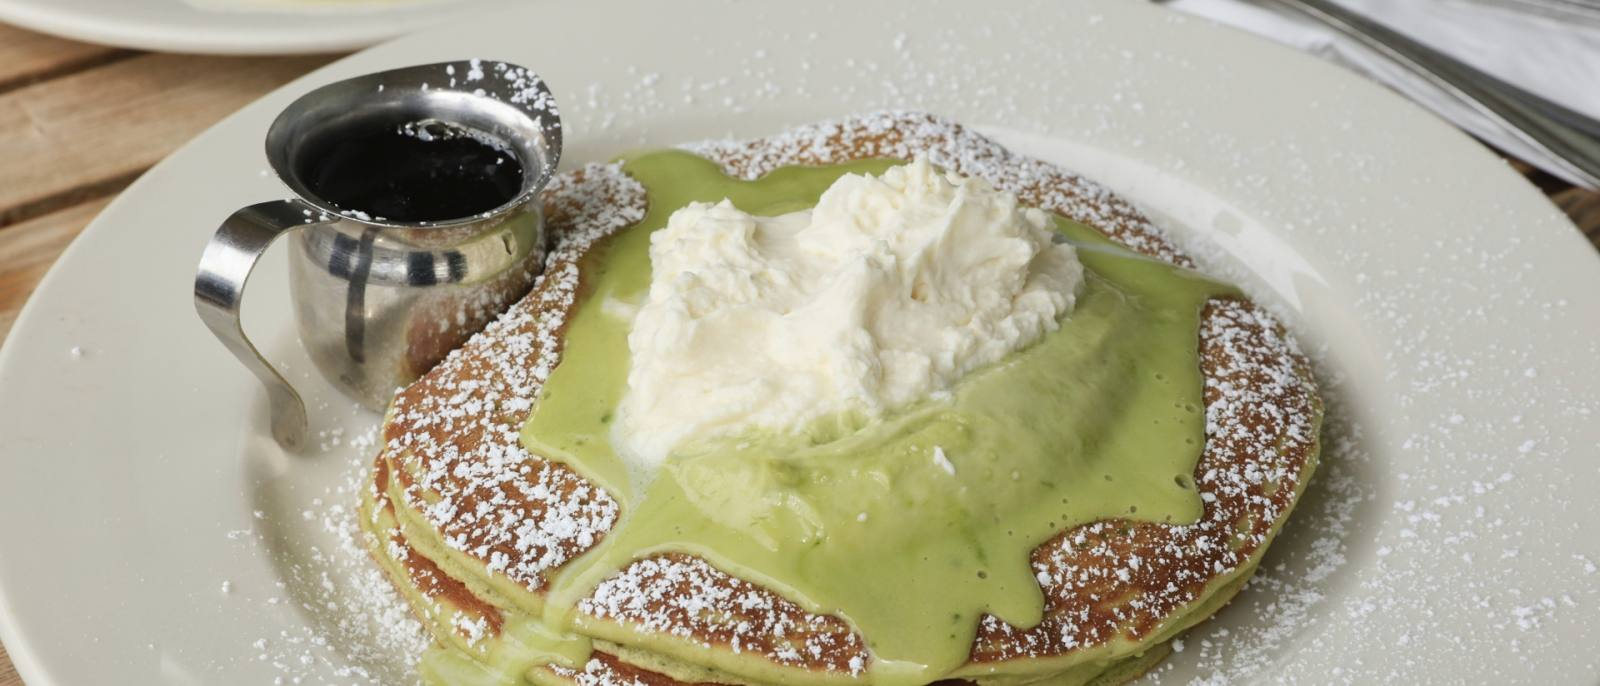 Green Tea Pancakes   |  Photo: Yuri Hasegawa